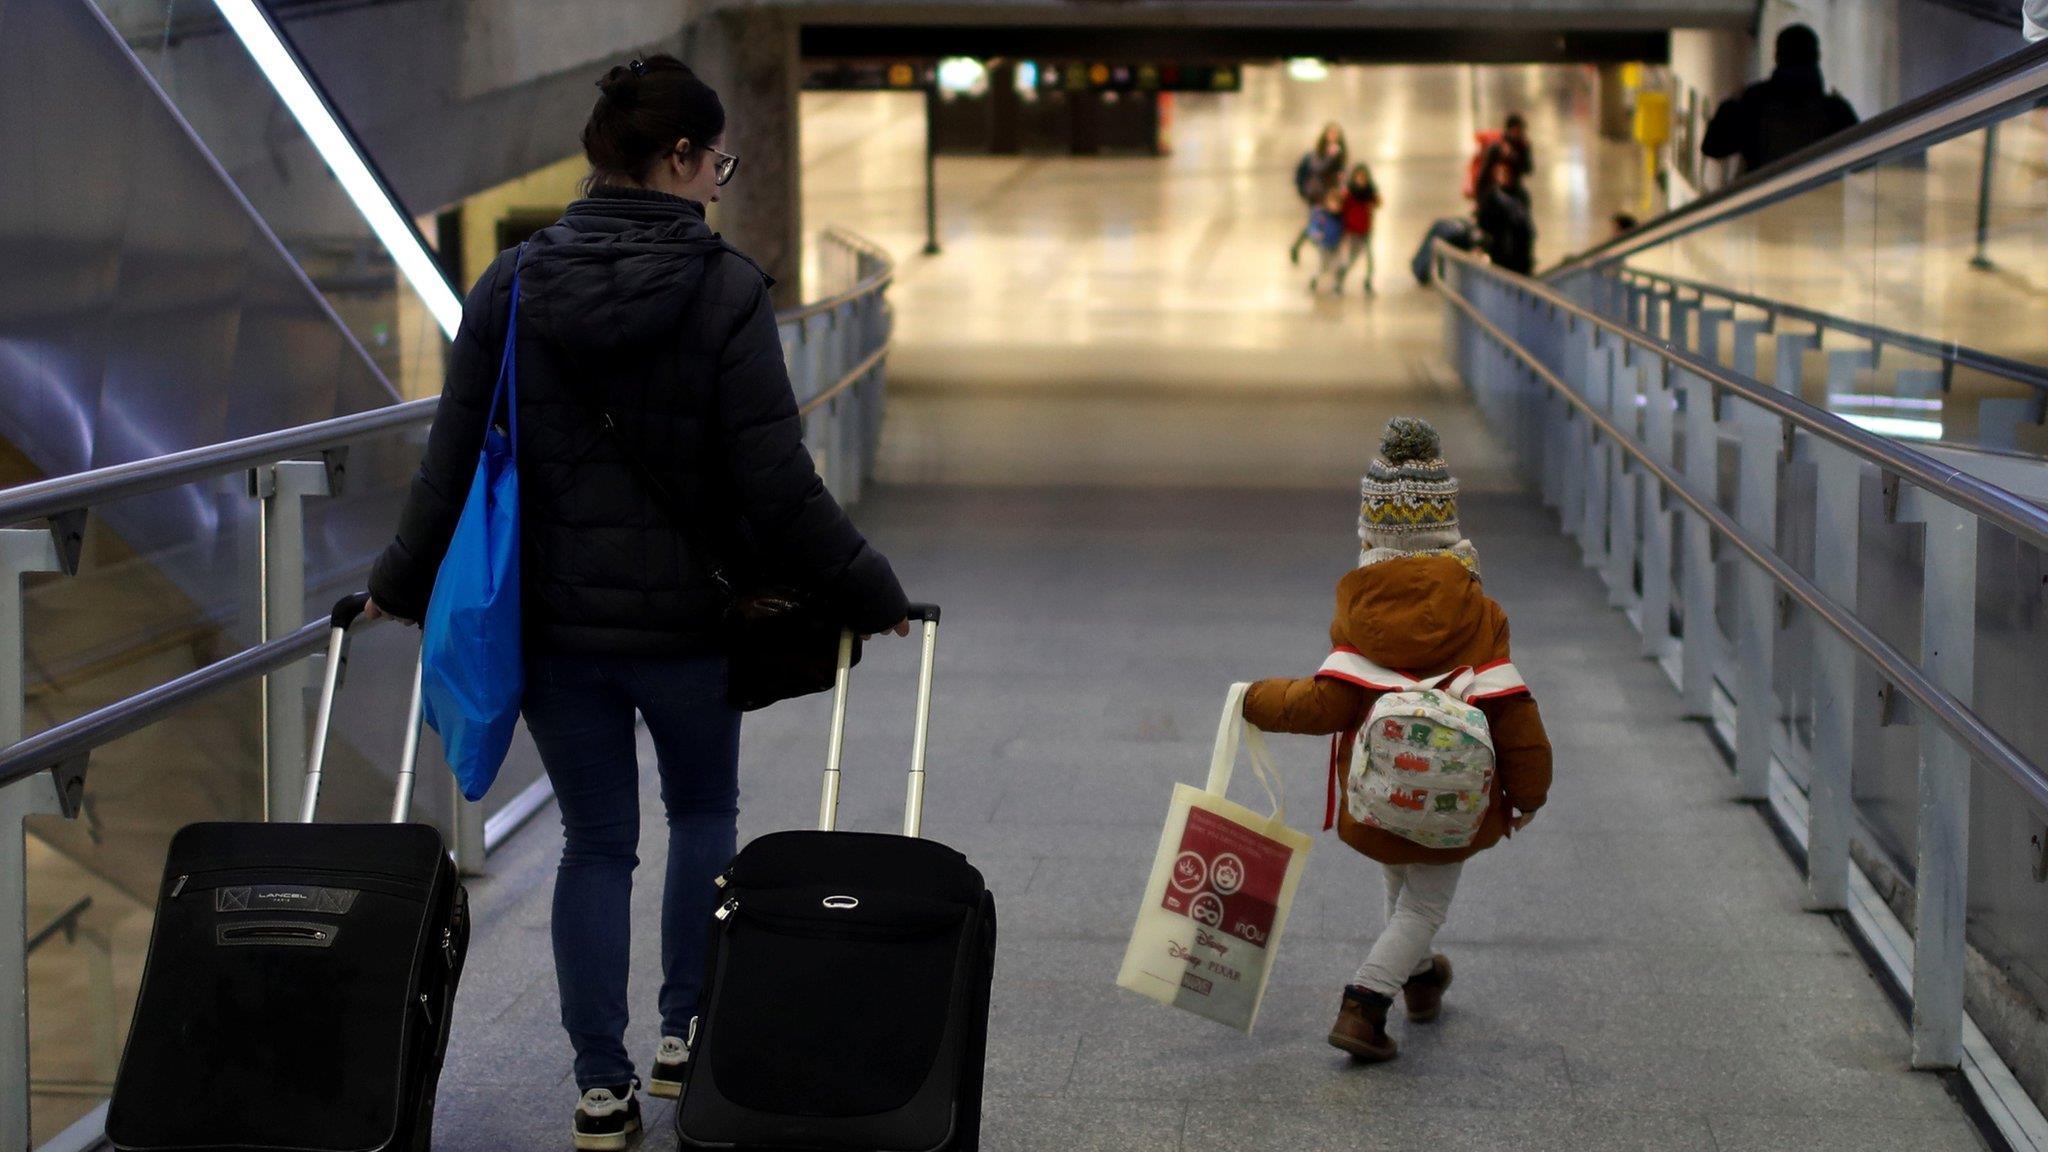 法國罷工:各方力保不砍的聖誕兒童專列